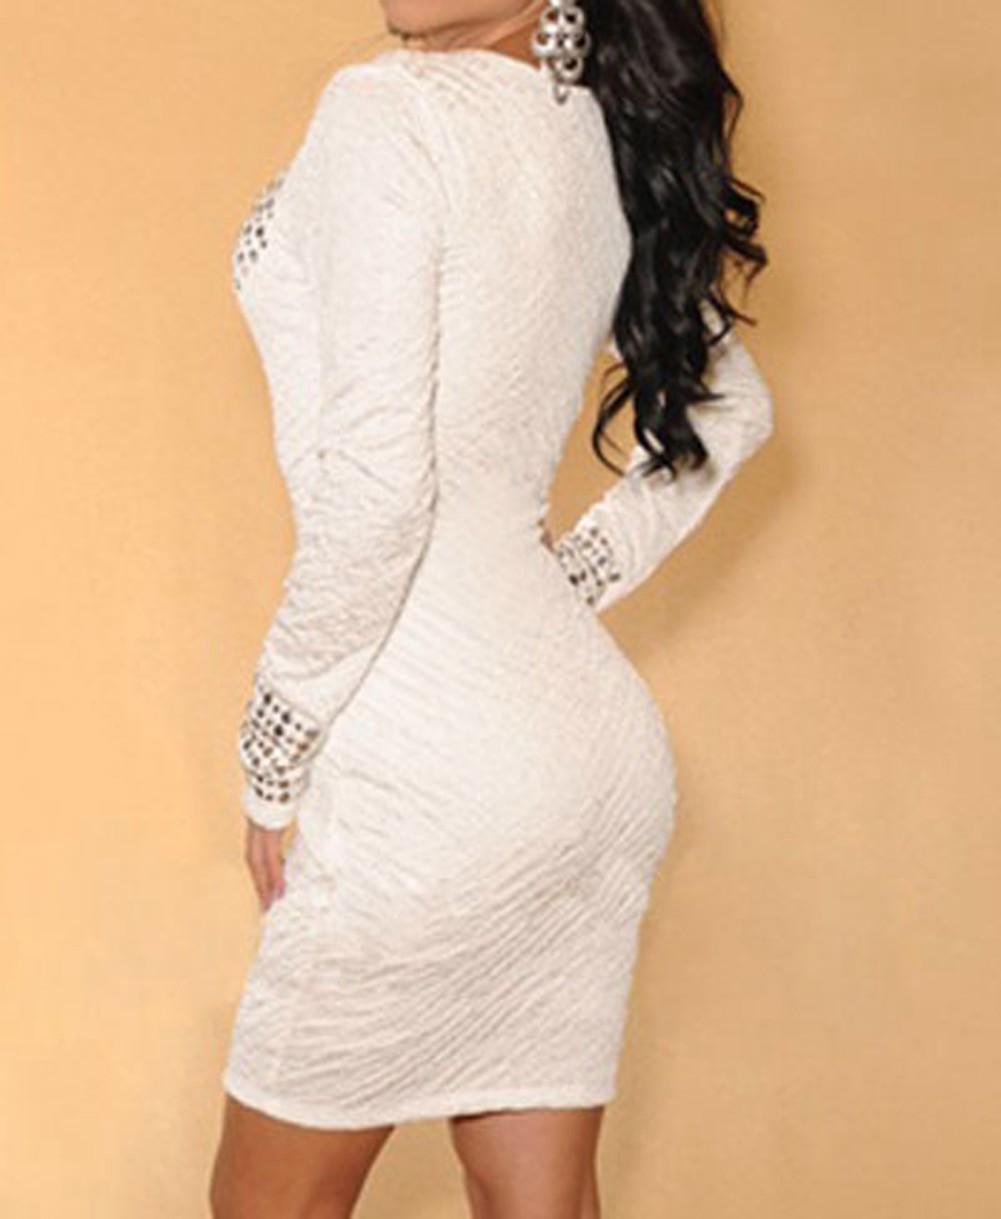 Платье Белое Кружевное Длинное Купить В